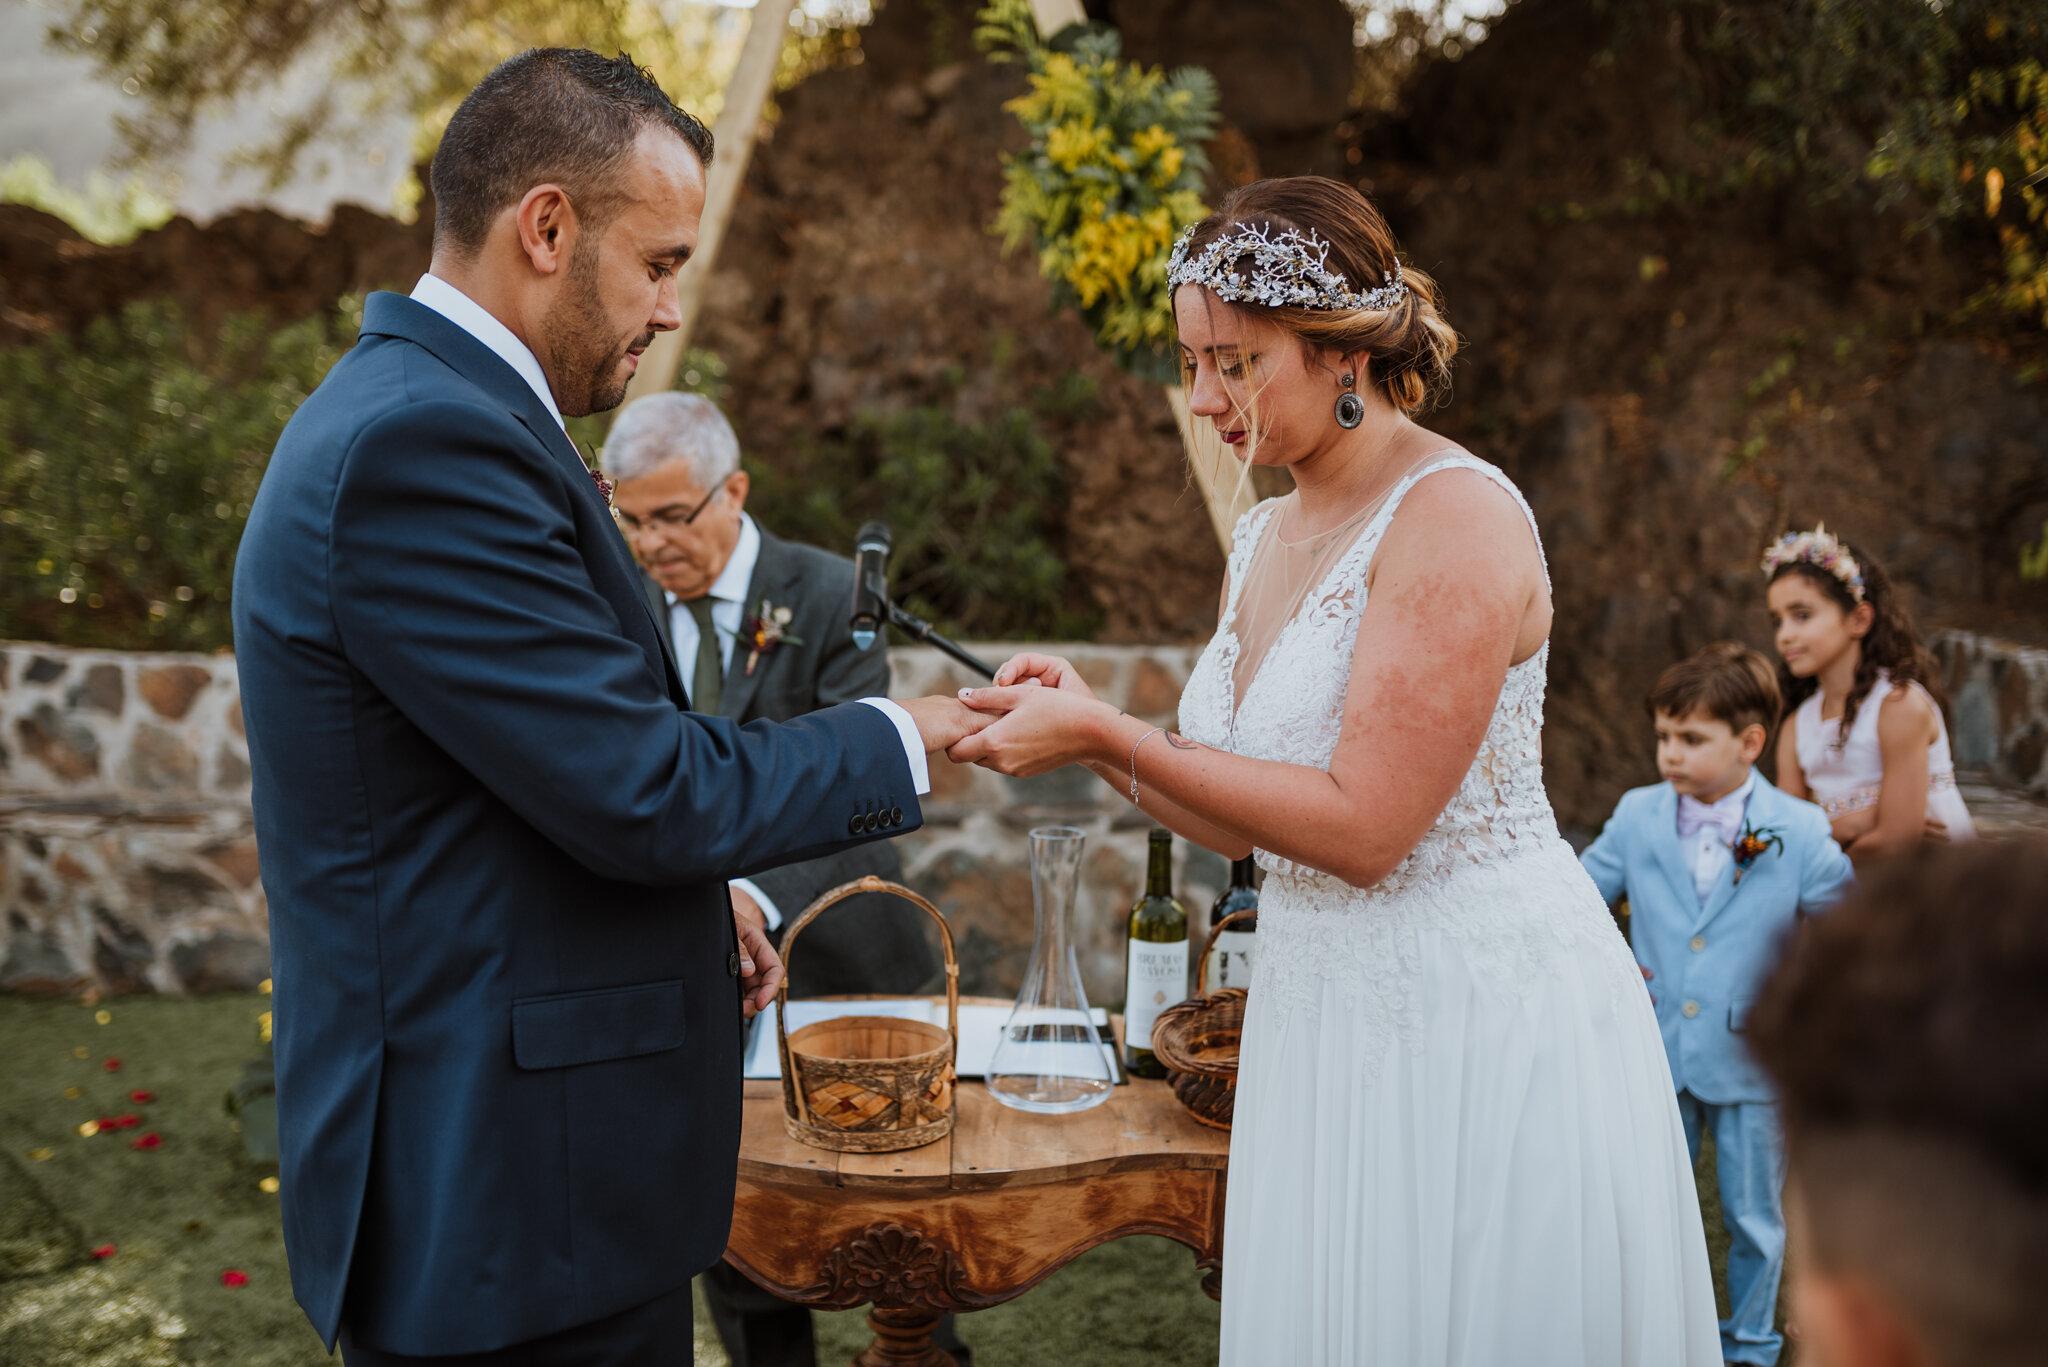 fotografo de bodas las palmas_-72.jpg